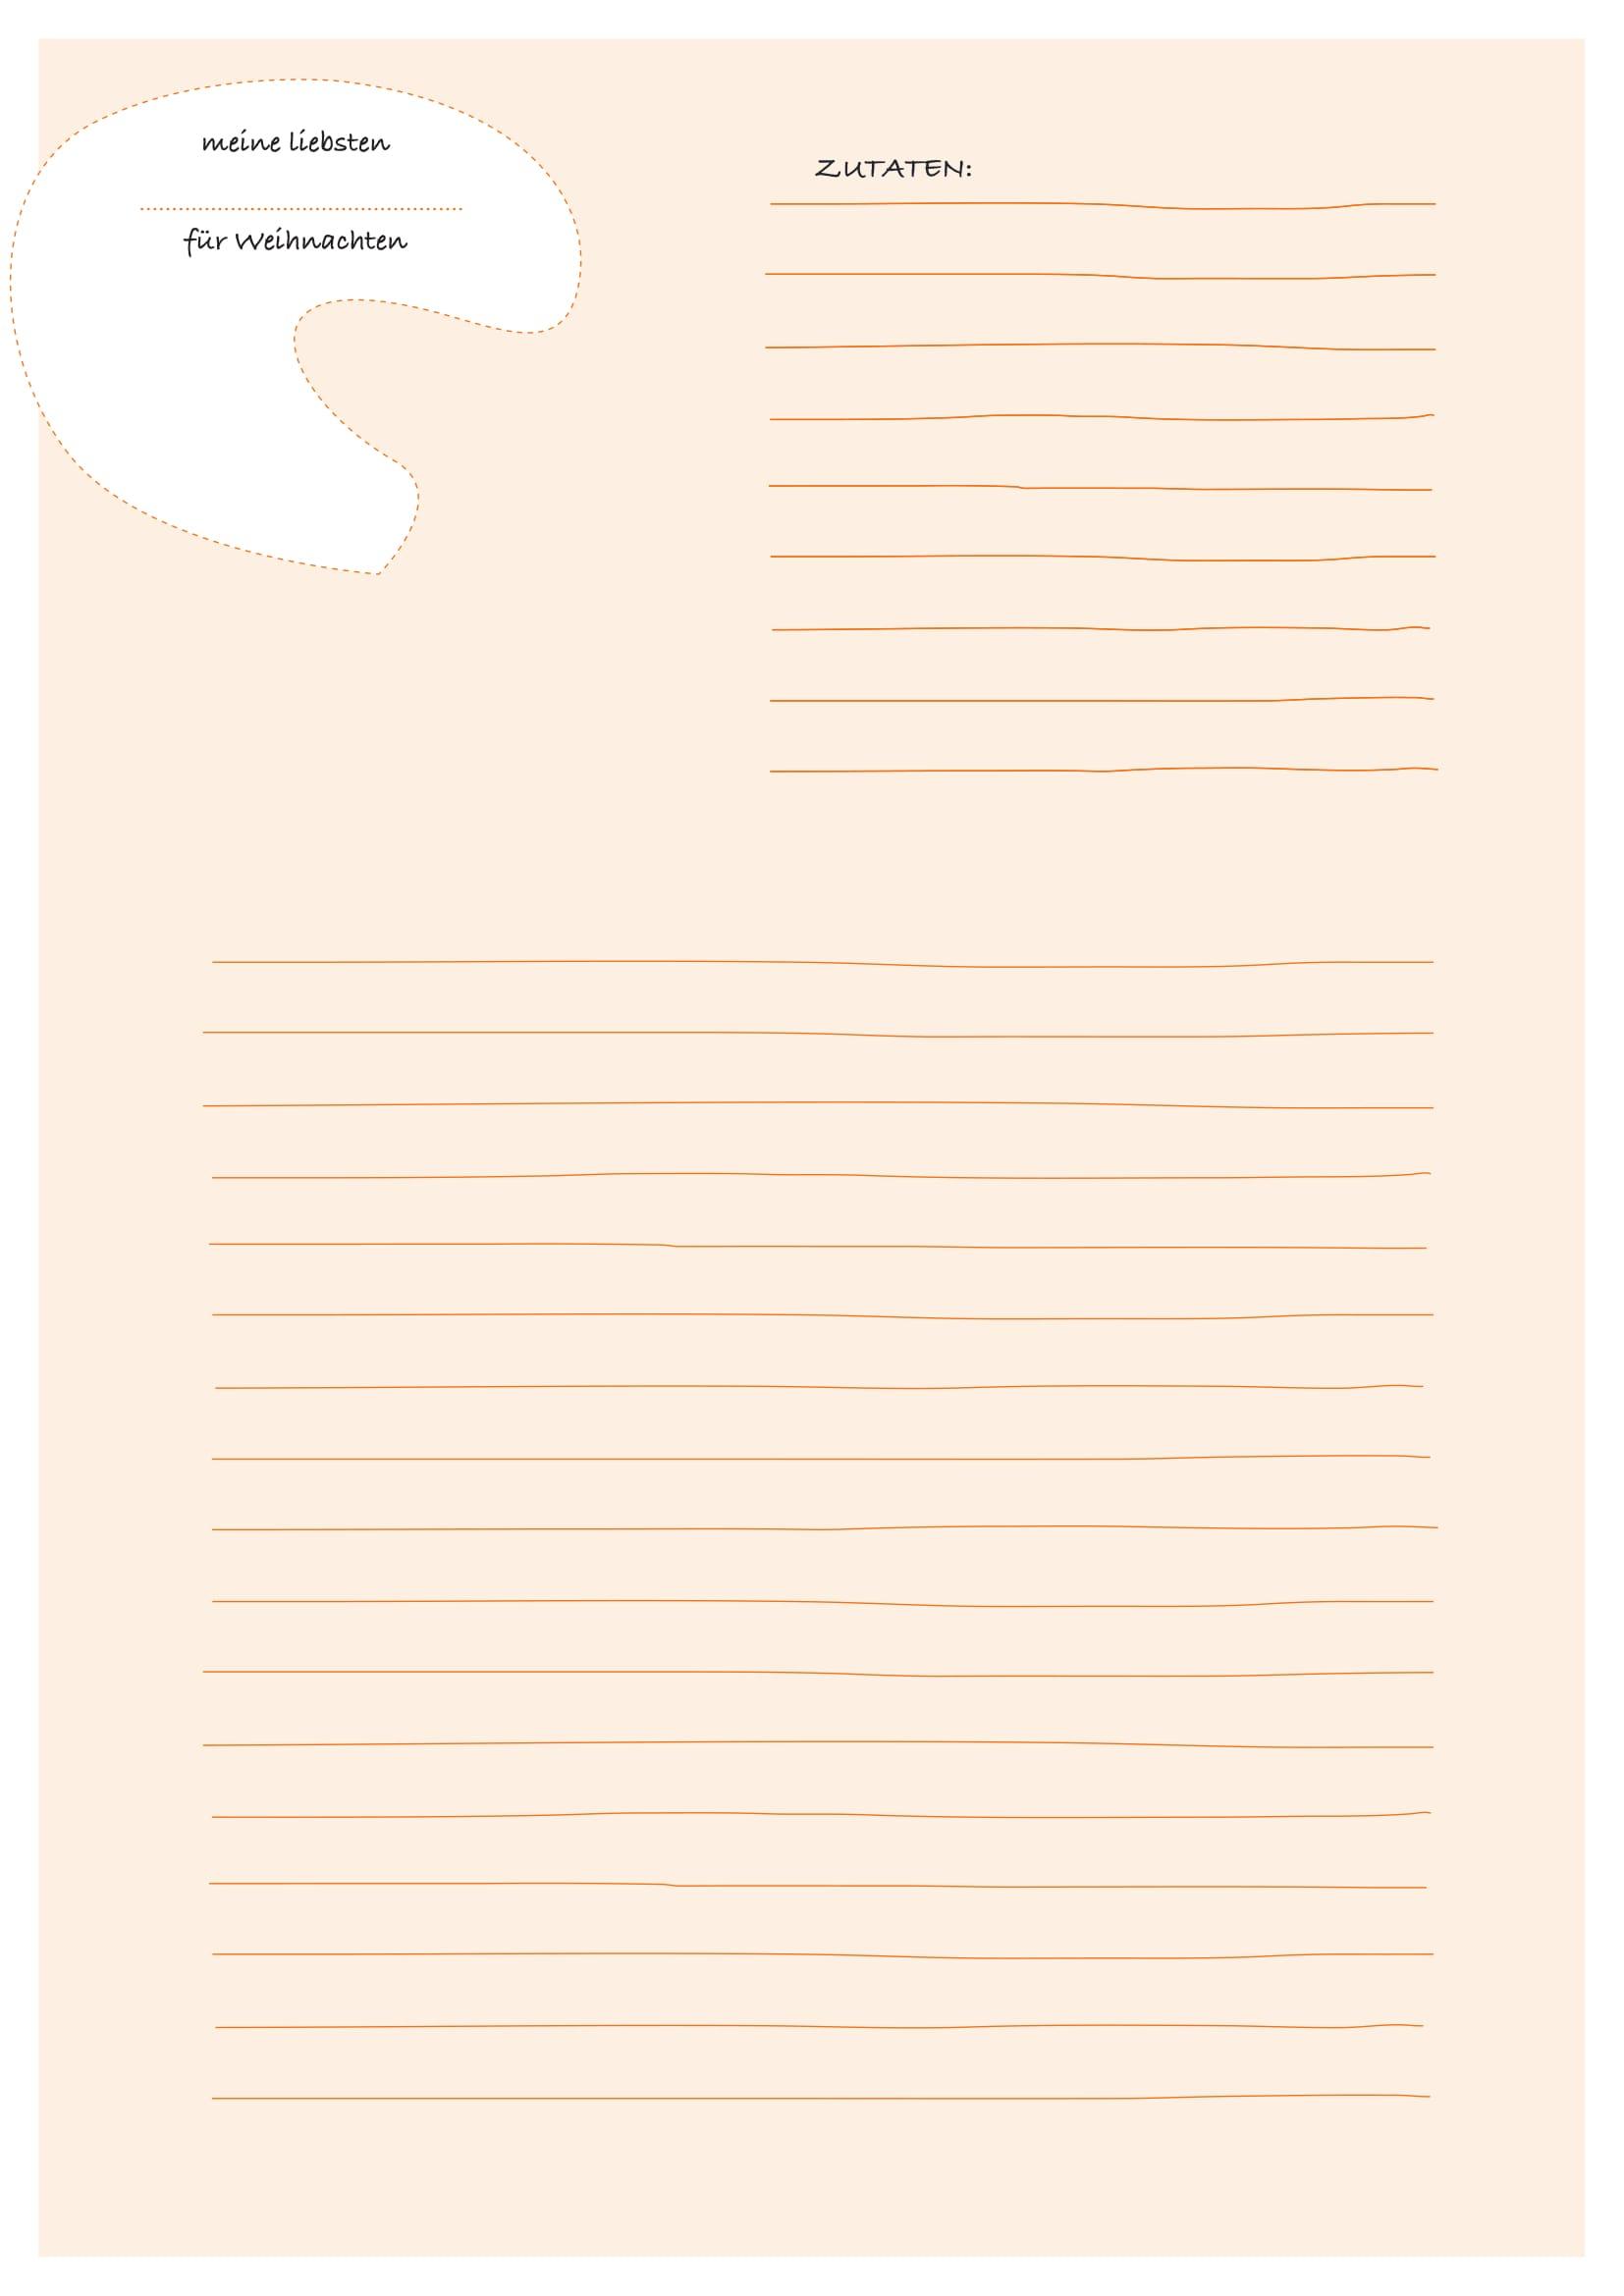 Wunderbar Vorlage Rezeptbuch Zeitgenössisch - Entry Level Resume ...